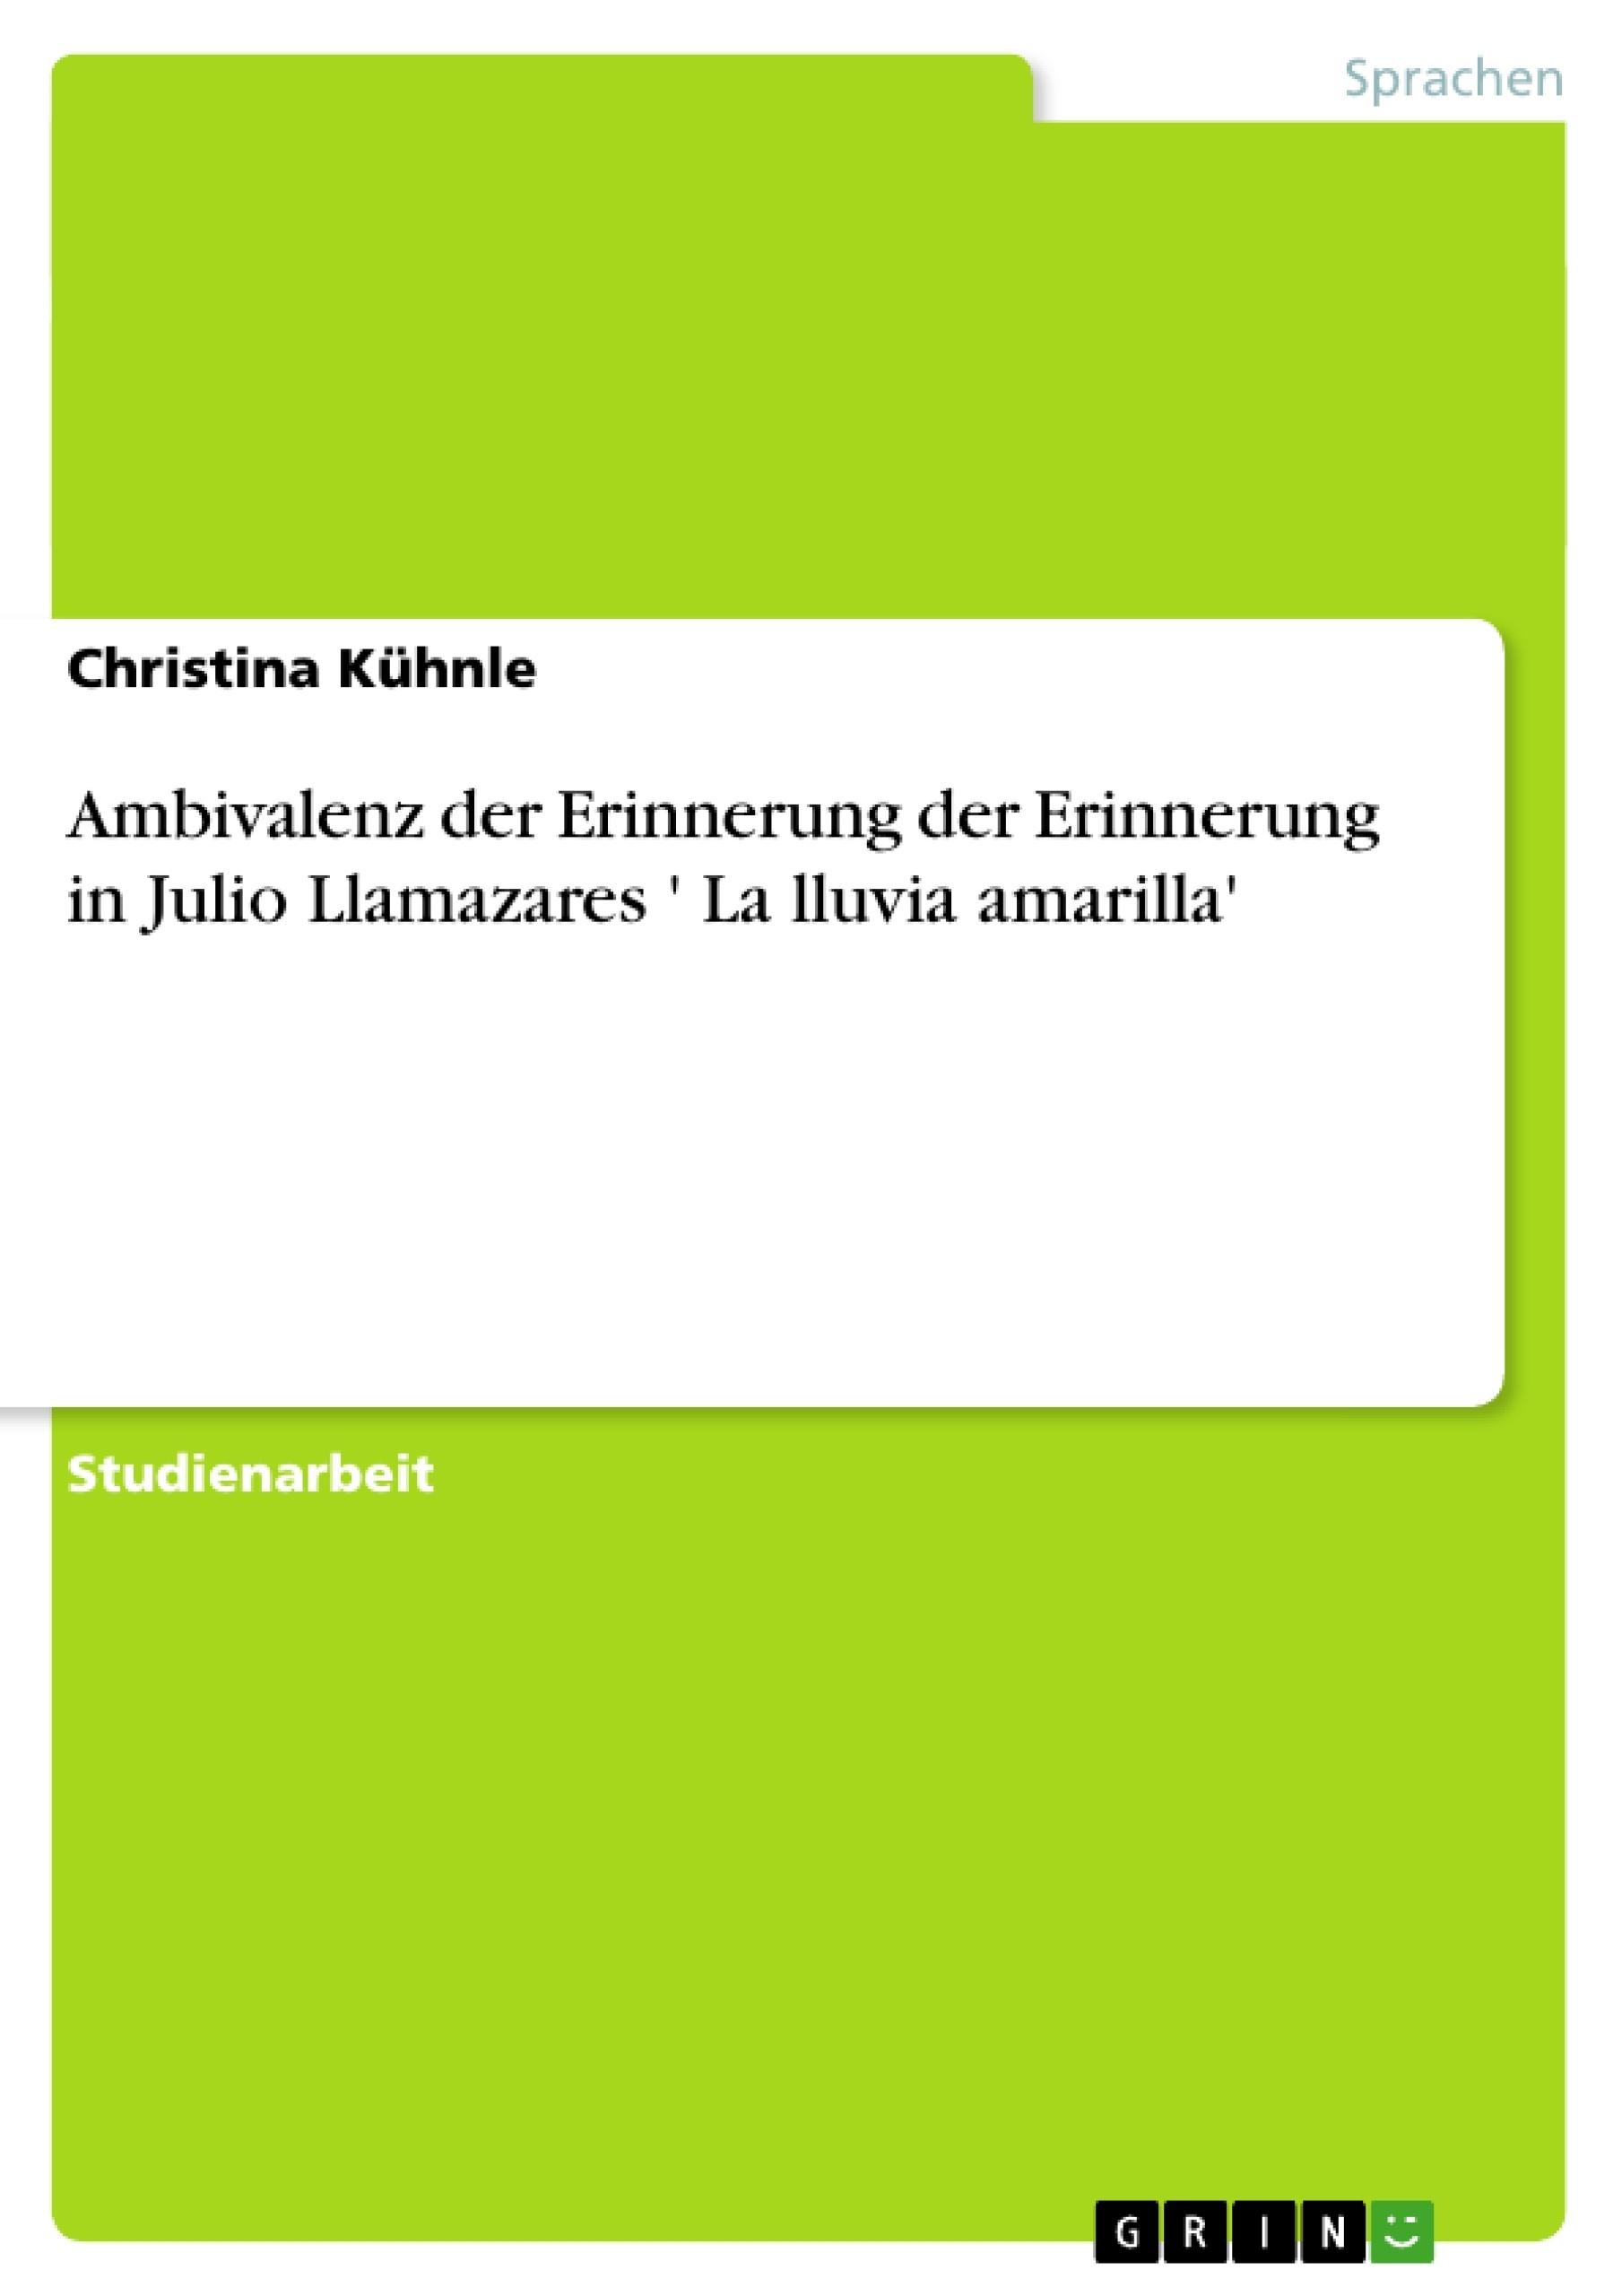 Titel: Ambivalenz der Erinnerung der Erinnerung in Julio Llamazares ' La lluvia amarilla'